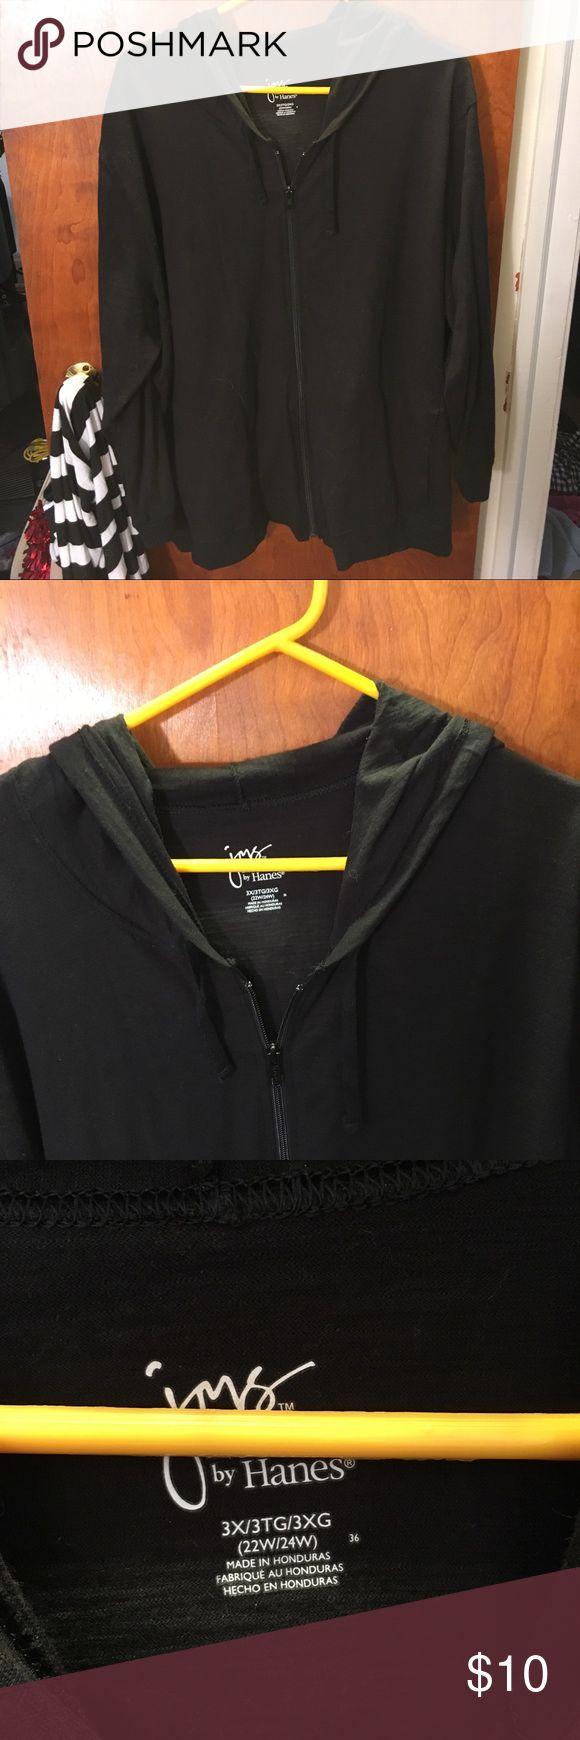 Dark black plus size zip up hoodie Dark black plus size zip up hoodie, loose fitting Tops Sweatshirts & Hoodies